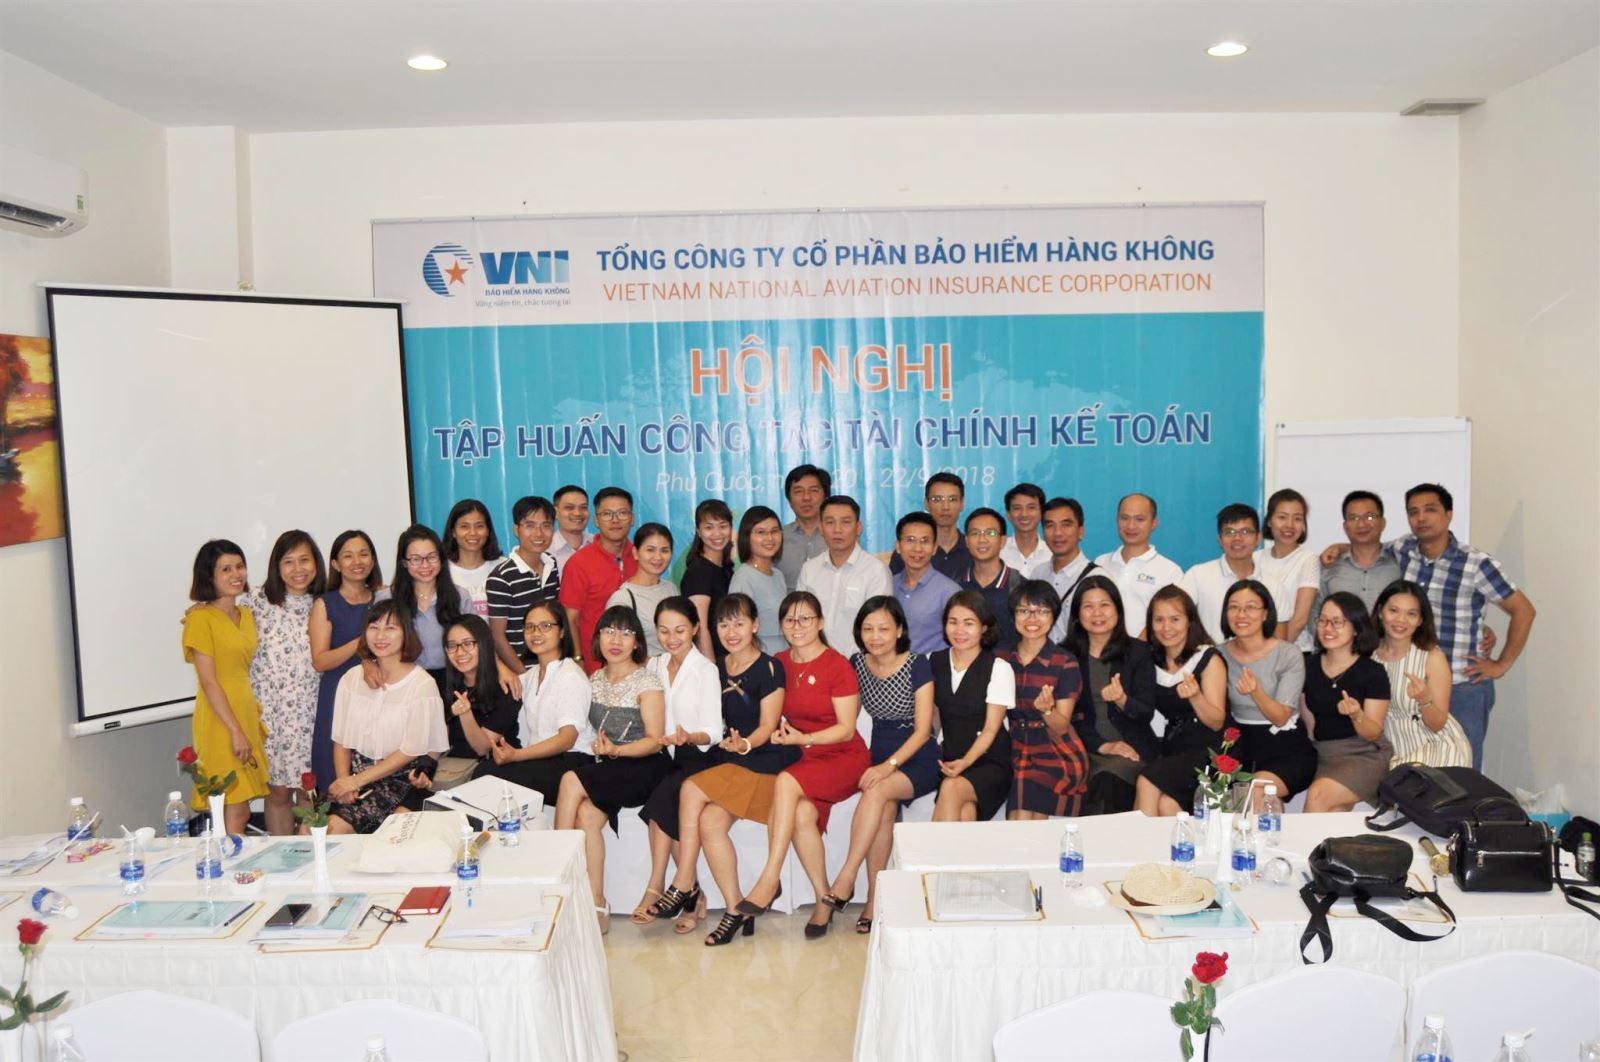 VNI tổ chức Hội nghị tập huấn công tác tài chính kế toán 2018